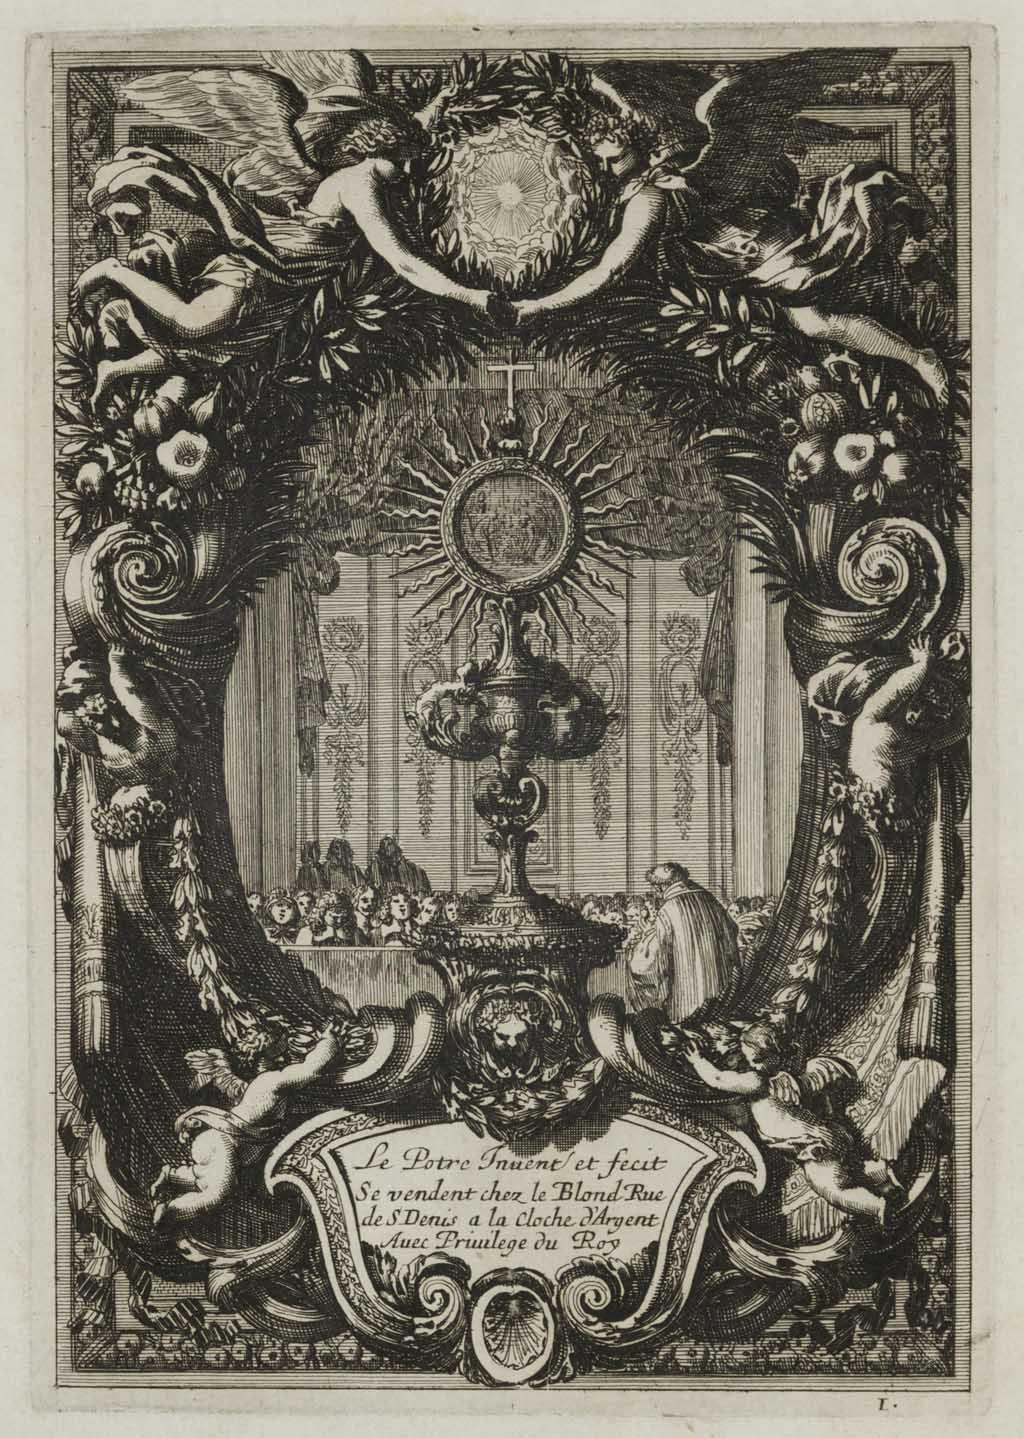 Titelprent met monstrans in rijk gedecoreerde cartouche